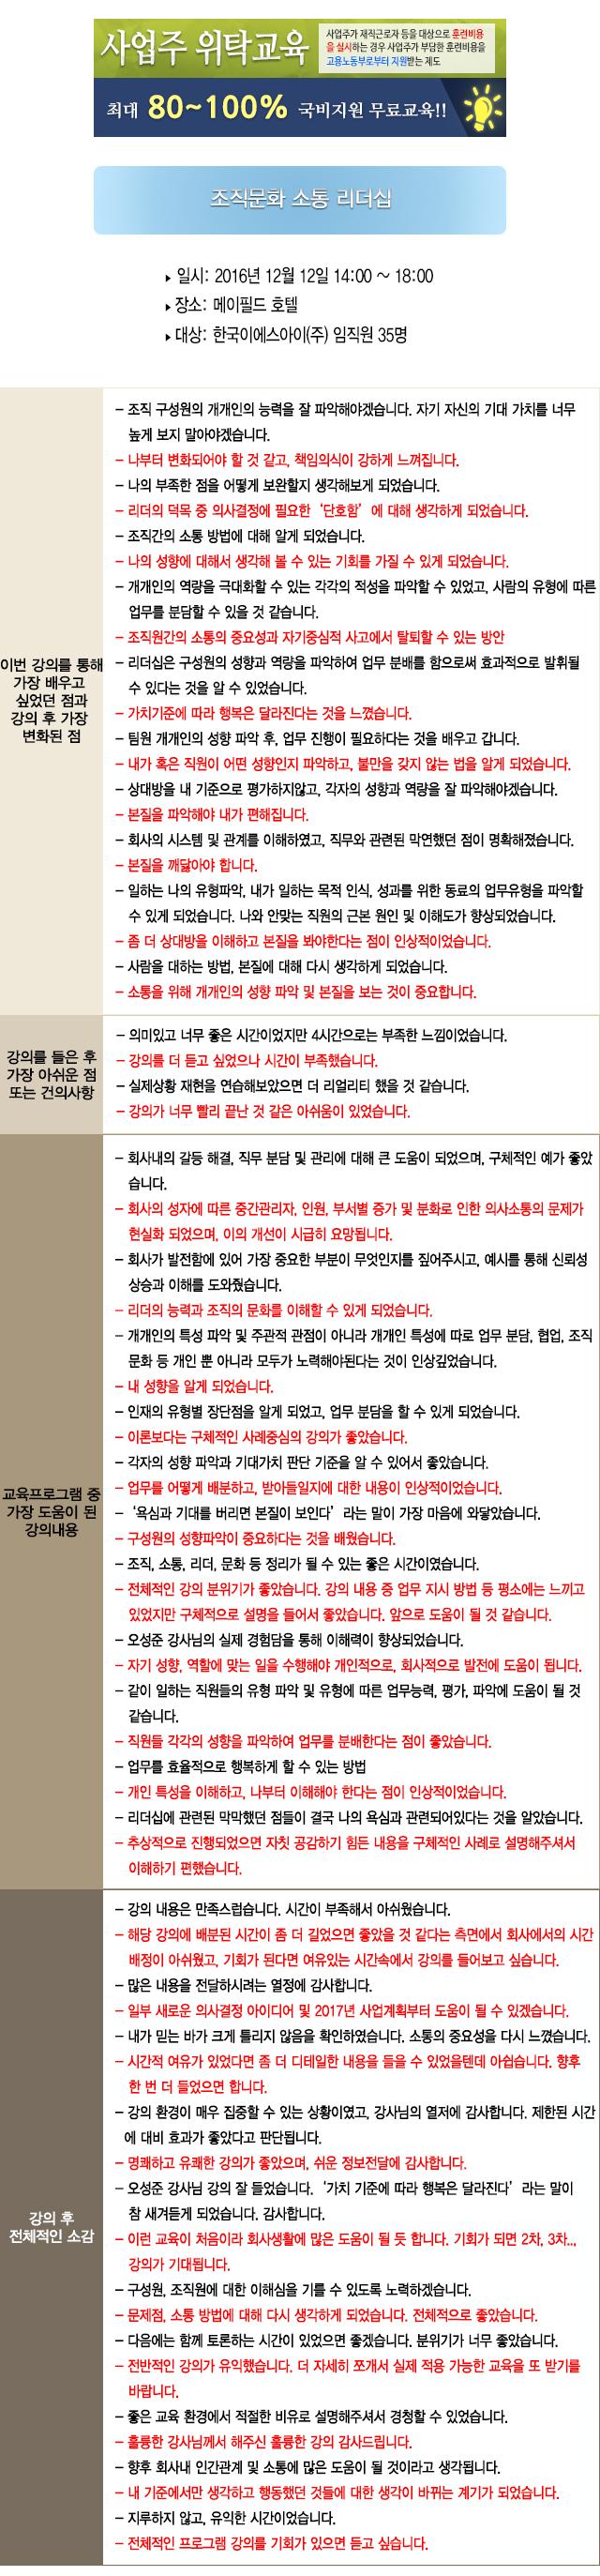 한국중앙인재개발원 후기 한국이에스아이.jpg